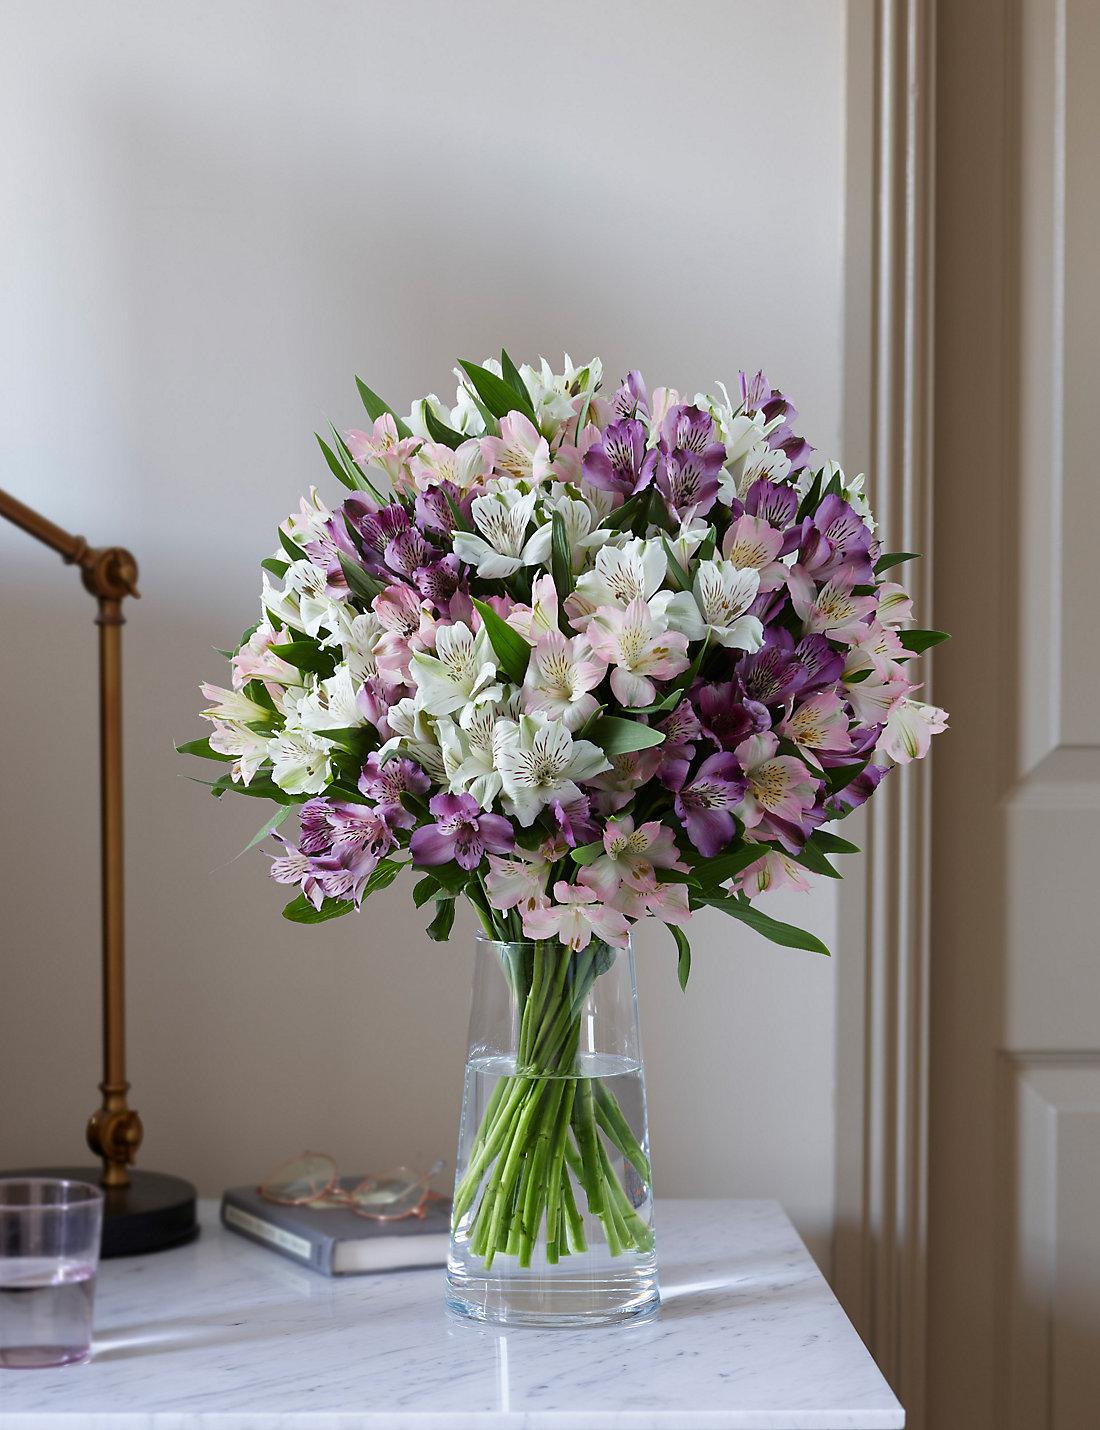 Happy birthday flowers birthday bouquet hampers ms alstroemeria abundance bouquet dhlflorist Gallery